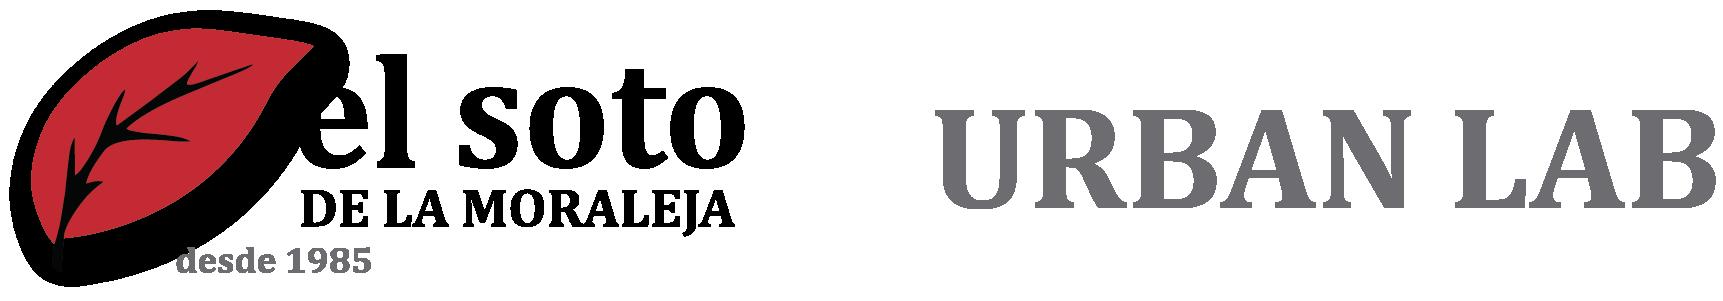 El Soto de la Moraleja - Urban Lab